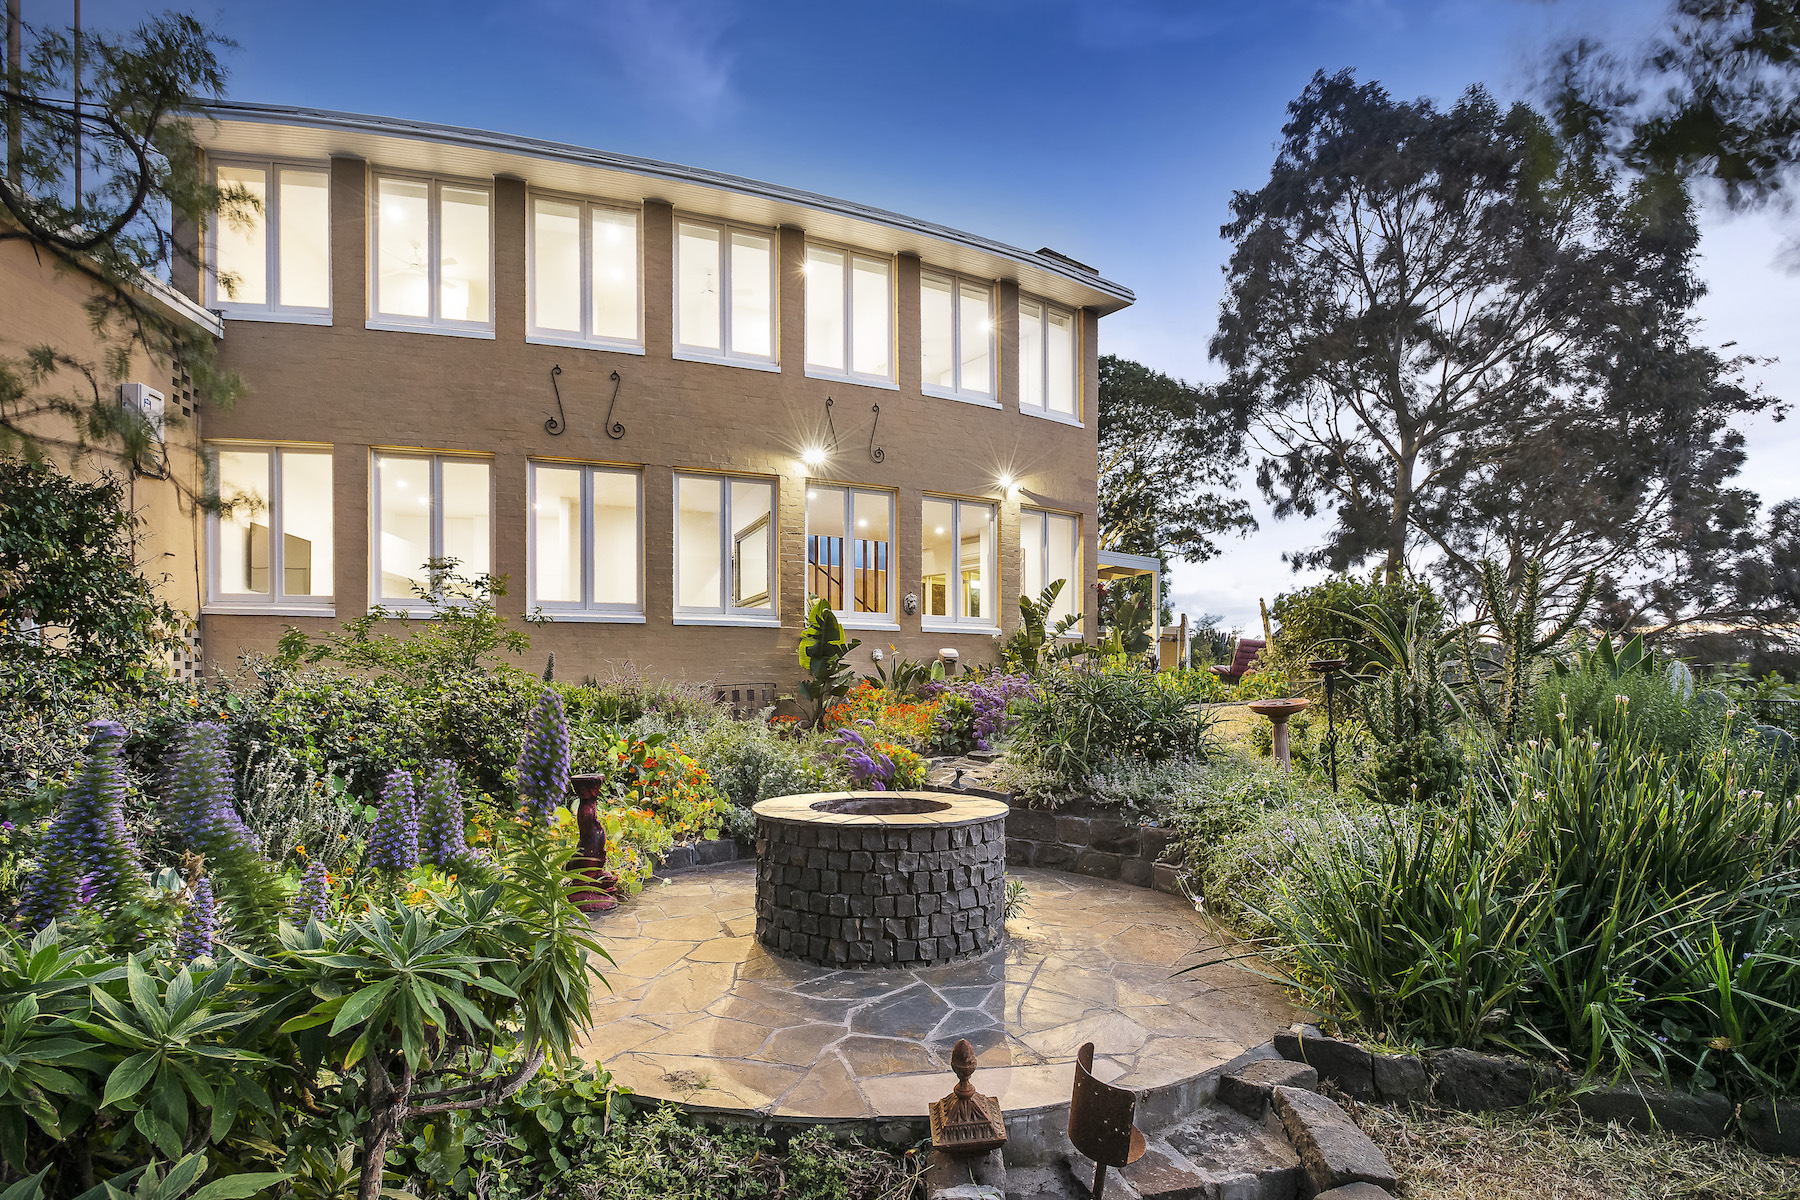 단독 가정 주택 용 매매 에 Residence 1 at 3 Glover Court, TOORAK Melbourne, Victoria, 3142 오스트레일리아